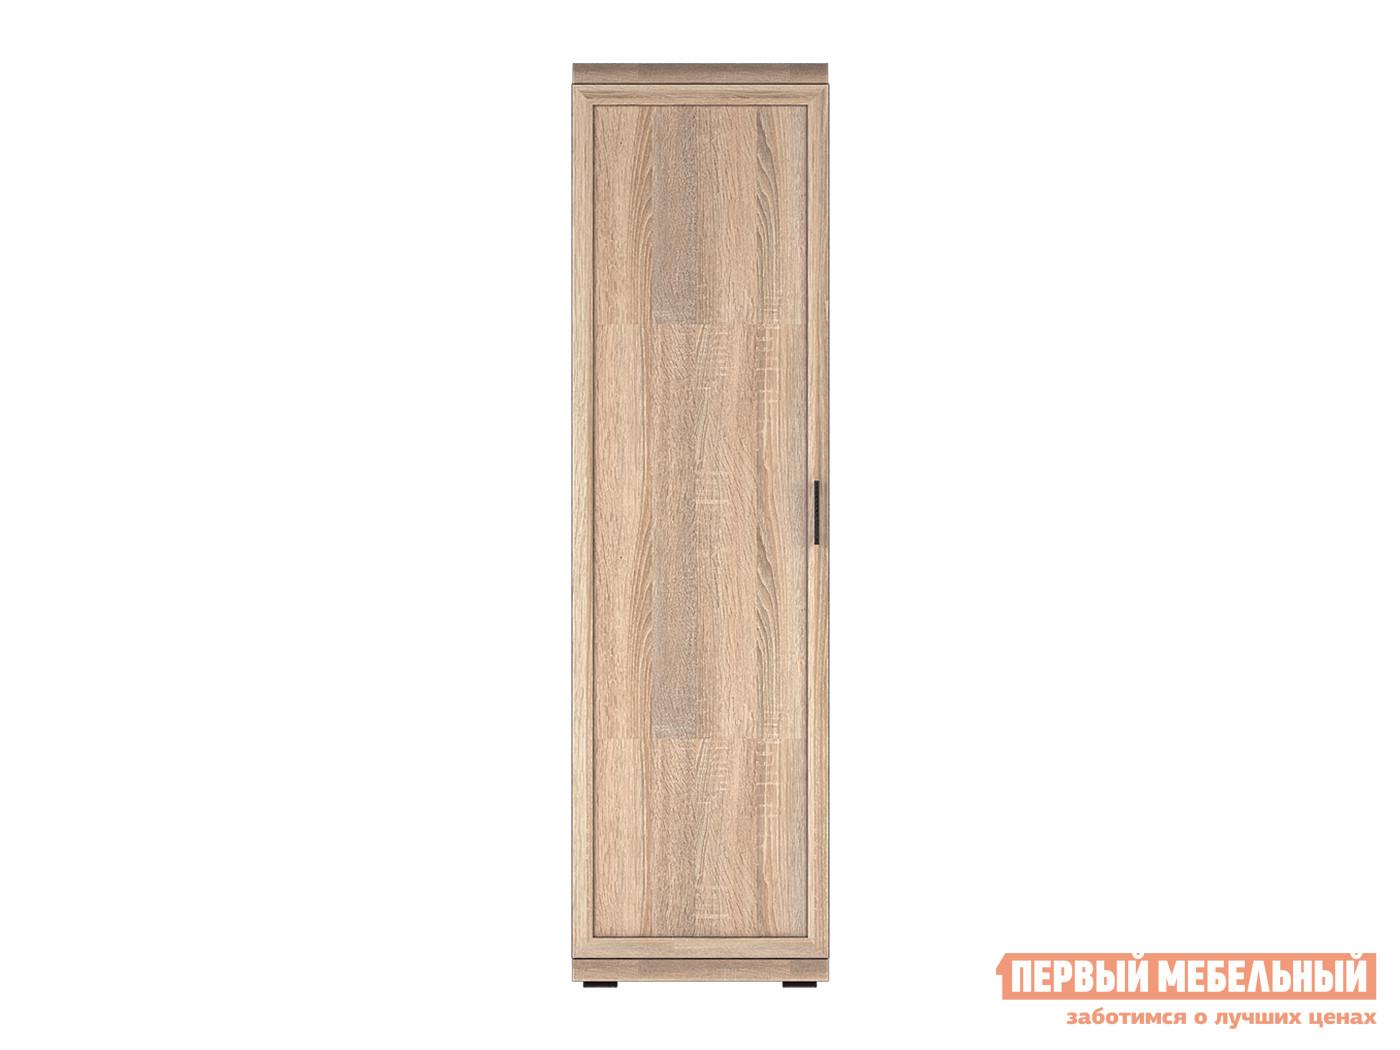 Шкаф для одежды Первый Мебельный Вега Прованс 3 шкаф комбинированный прованс нм 009 17